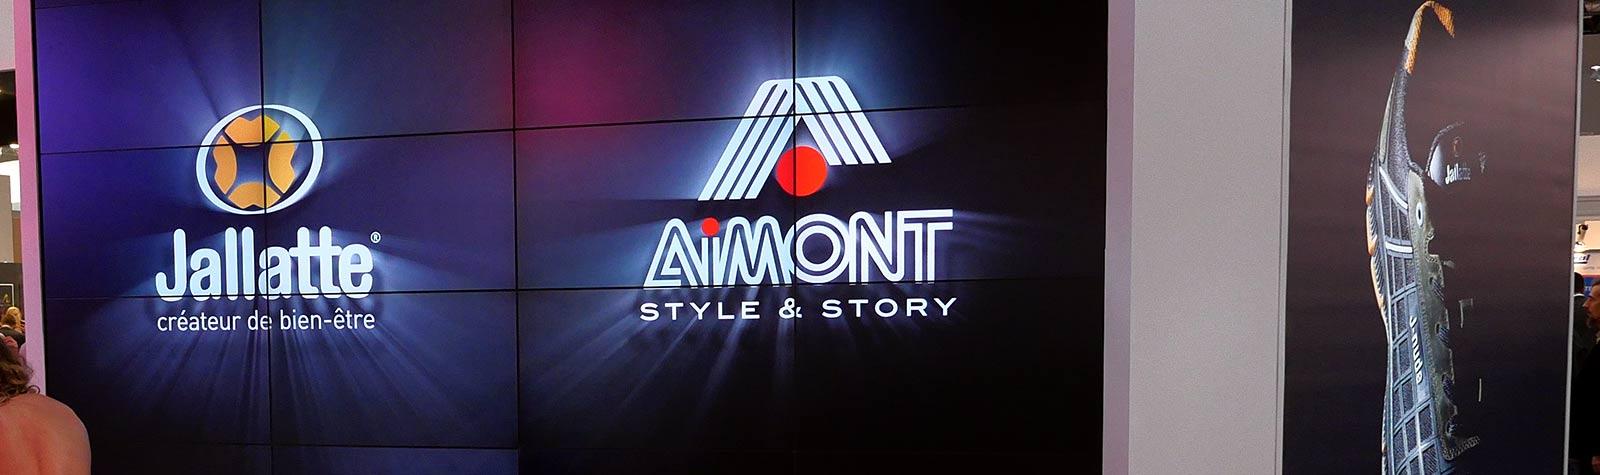 A+A – SPAZIO AIMONT & JALLATTE 2015